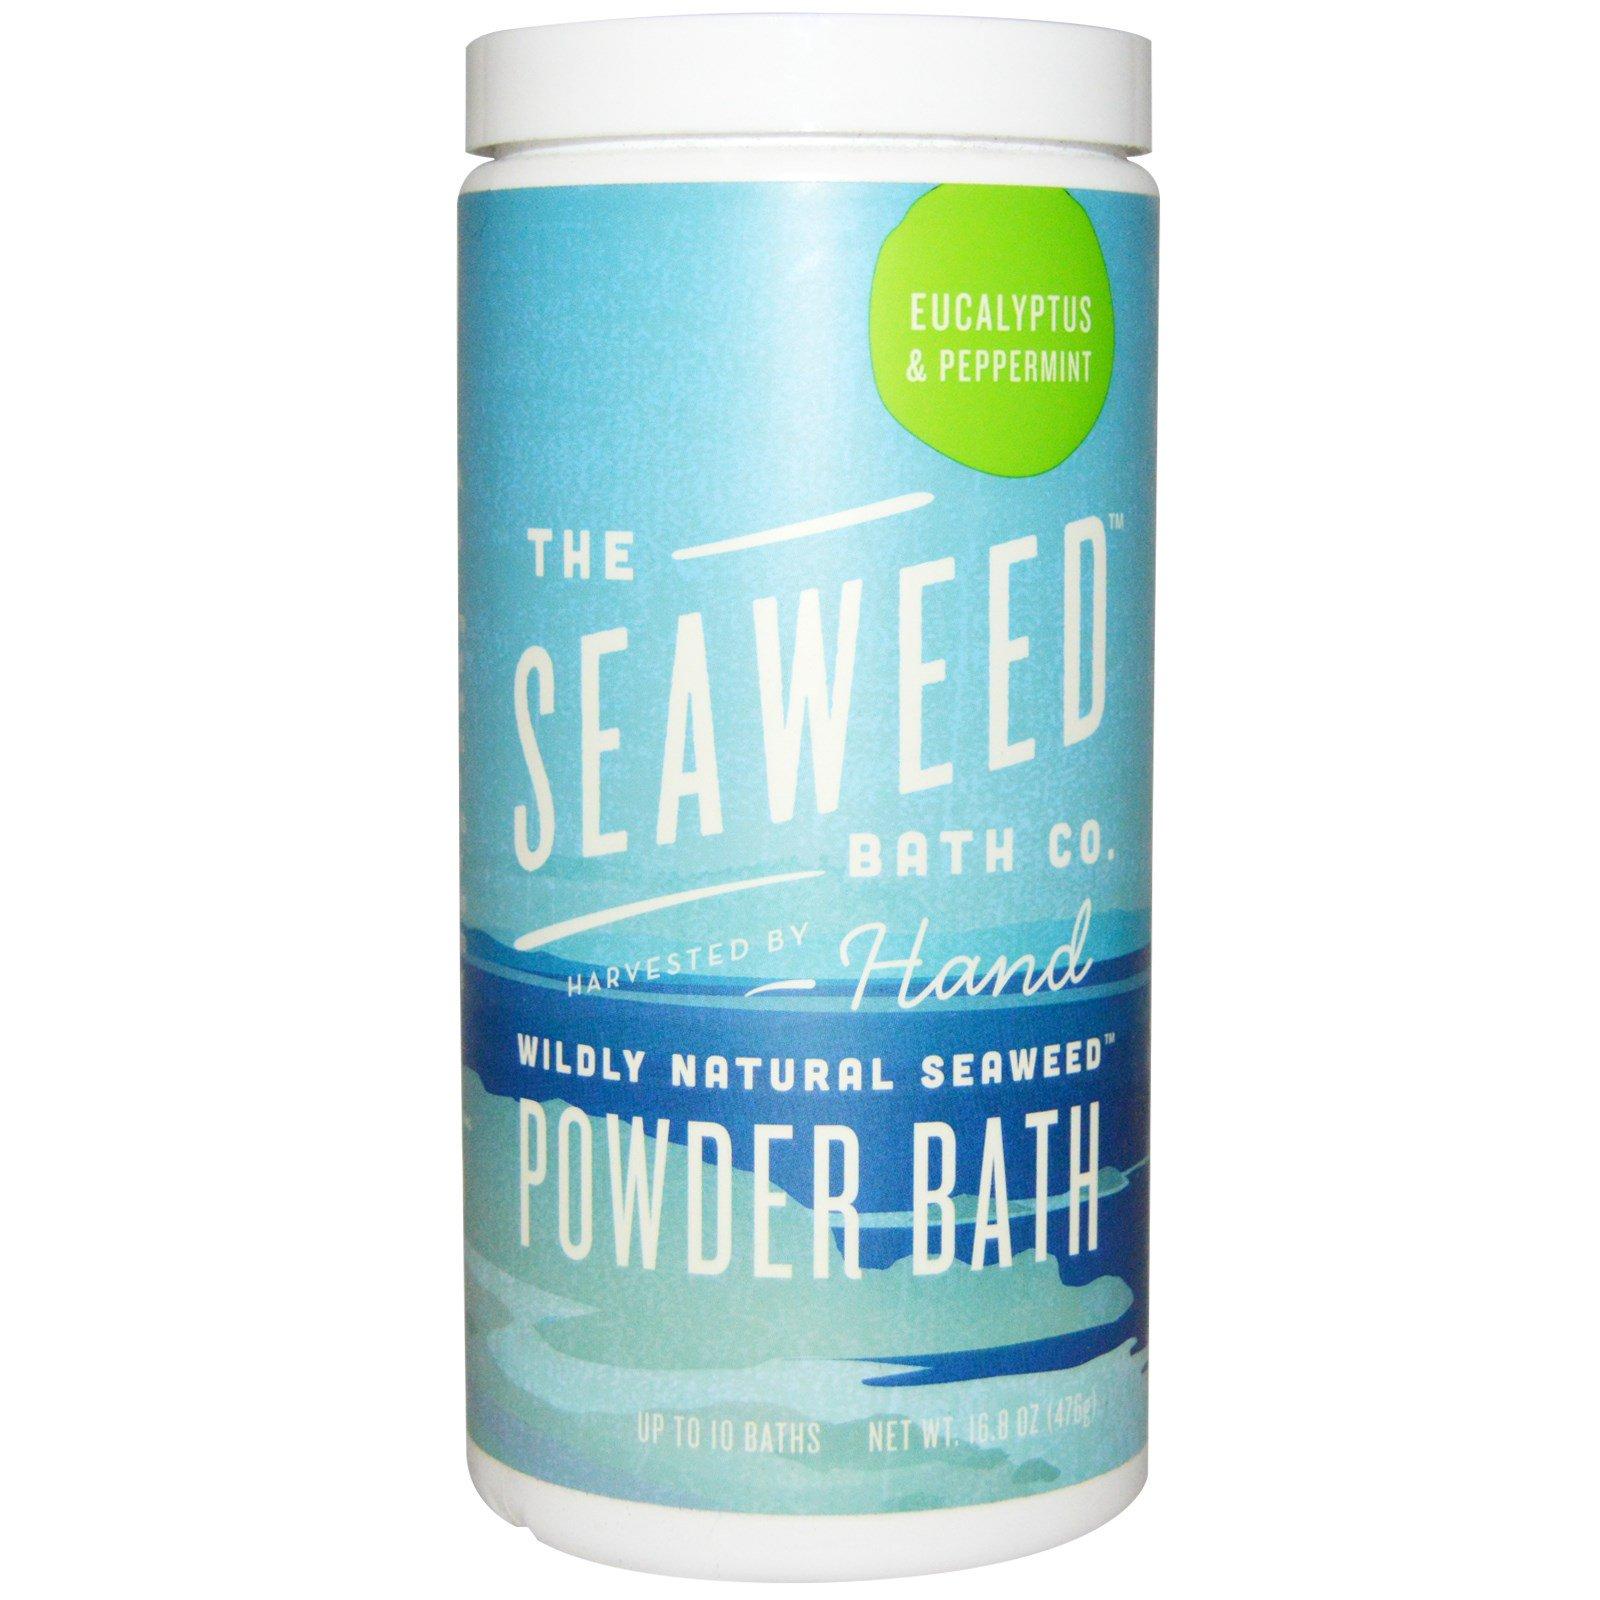 Seaweed Bath Co., Дико натурально, порошок для ванны из морских водорослей, эвкалипт и мята перечная, 476 г (16,8 унций)